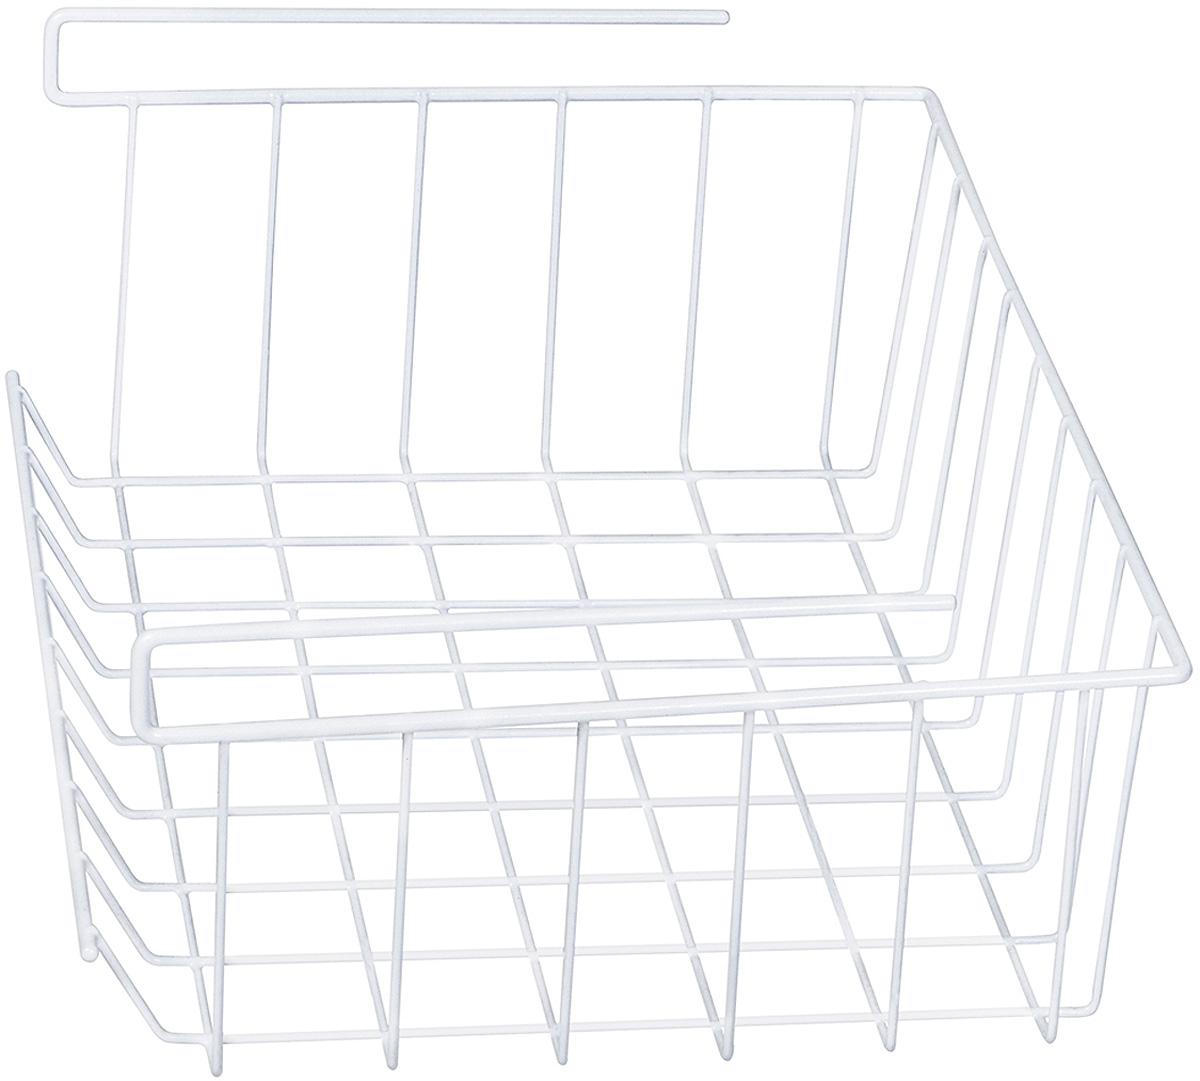 Art moon EXTRA Корзина подвесная на полку, L40xH14xD26.5 cm, Удобная корзина, обеспечивает дополнительное пространство для хранения. Универсальная: для туалетных принадлежностей, посуды, канцтоваров, фруктов, одежды и нижнего белья. Легкий доступ к вещам. Материал: Cталь с виниловым покрытием.